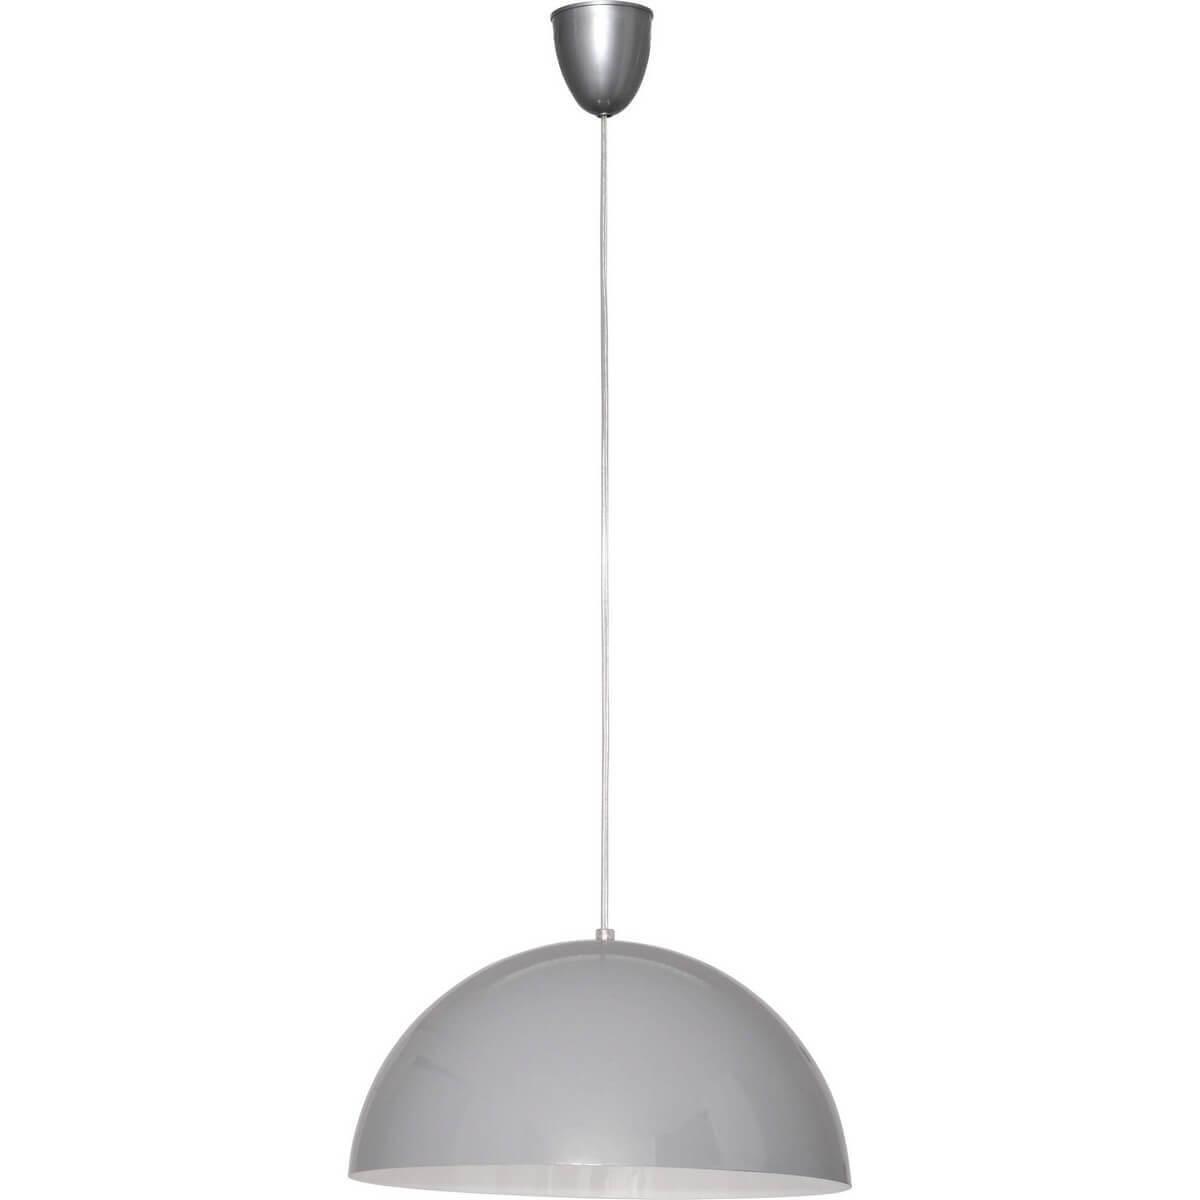 Светильник Nowodvorski 5074 Hemisphere Gray подвесной светильник nowodvorski hemisphere cracks 6371